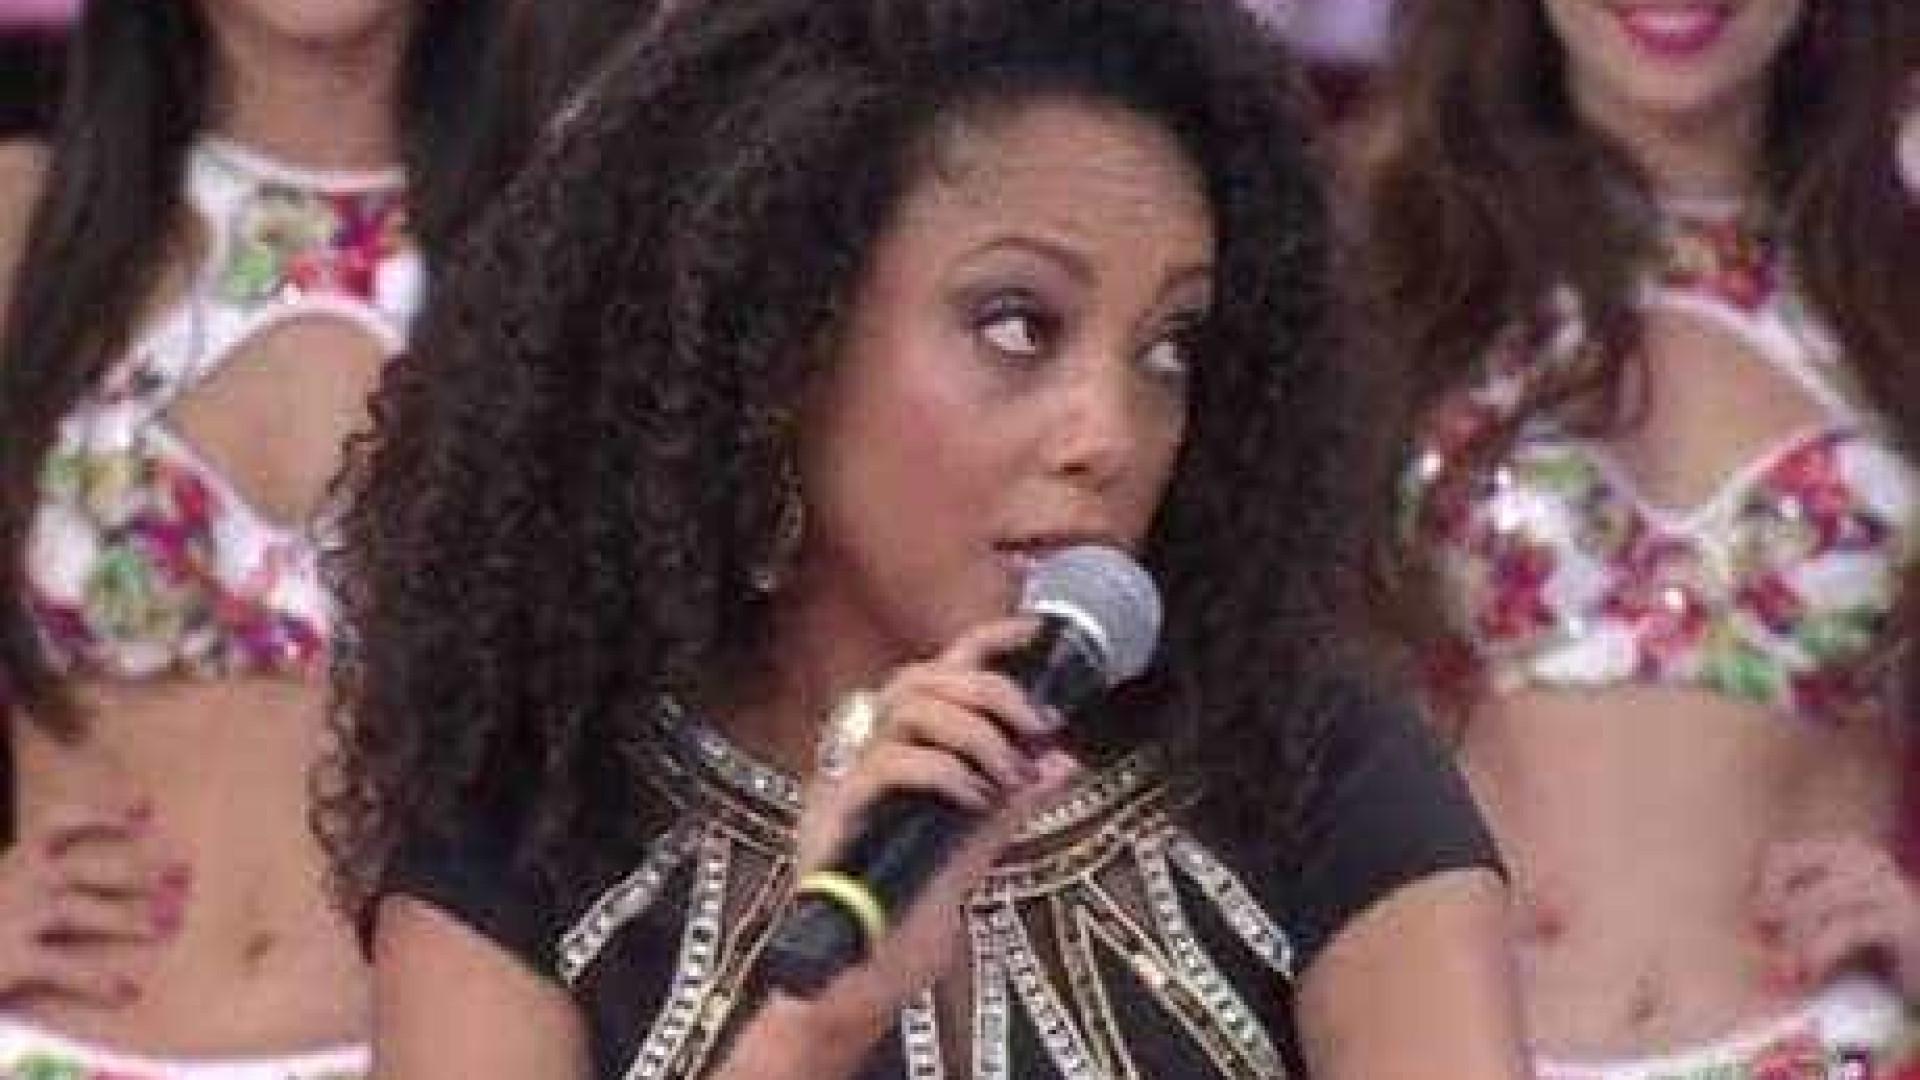 Eliminada, Negra Li critica votação da Dança dos Famosos